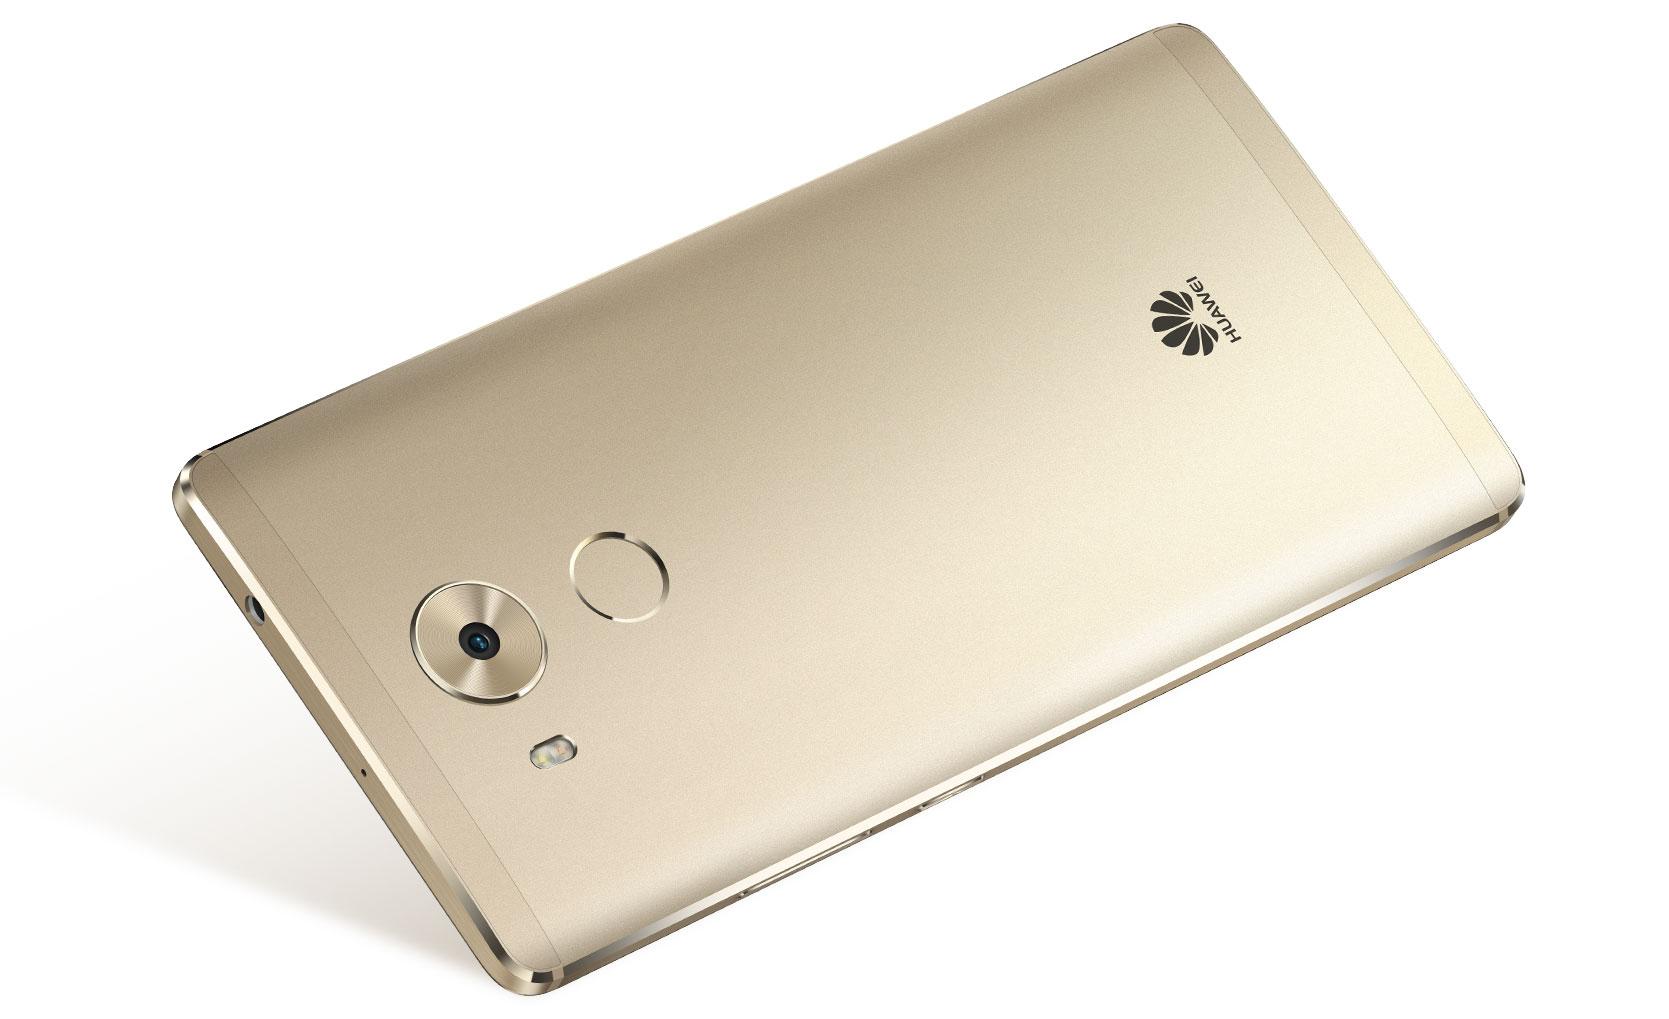 Huawei compte se relancer aux Etats-Unis avec le Mate 8